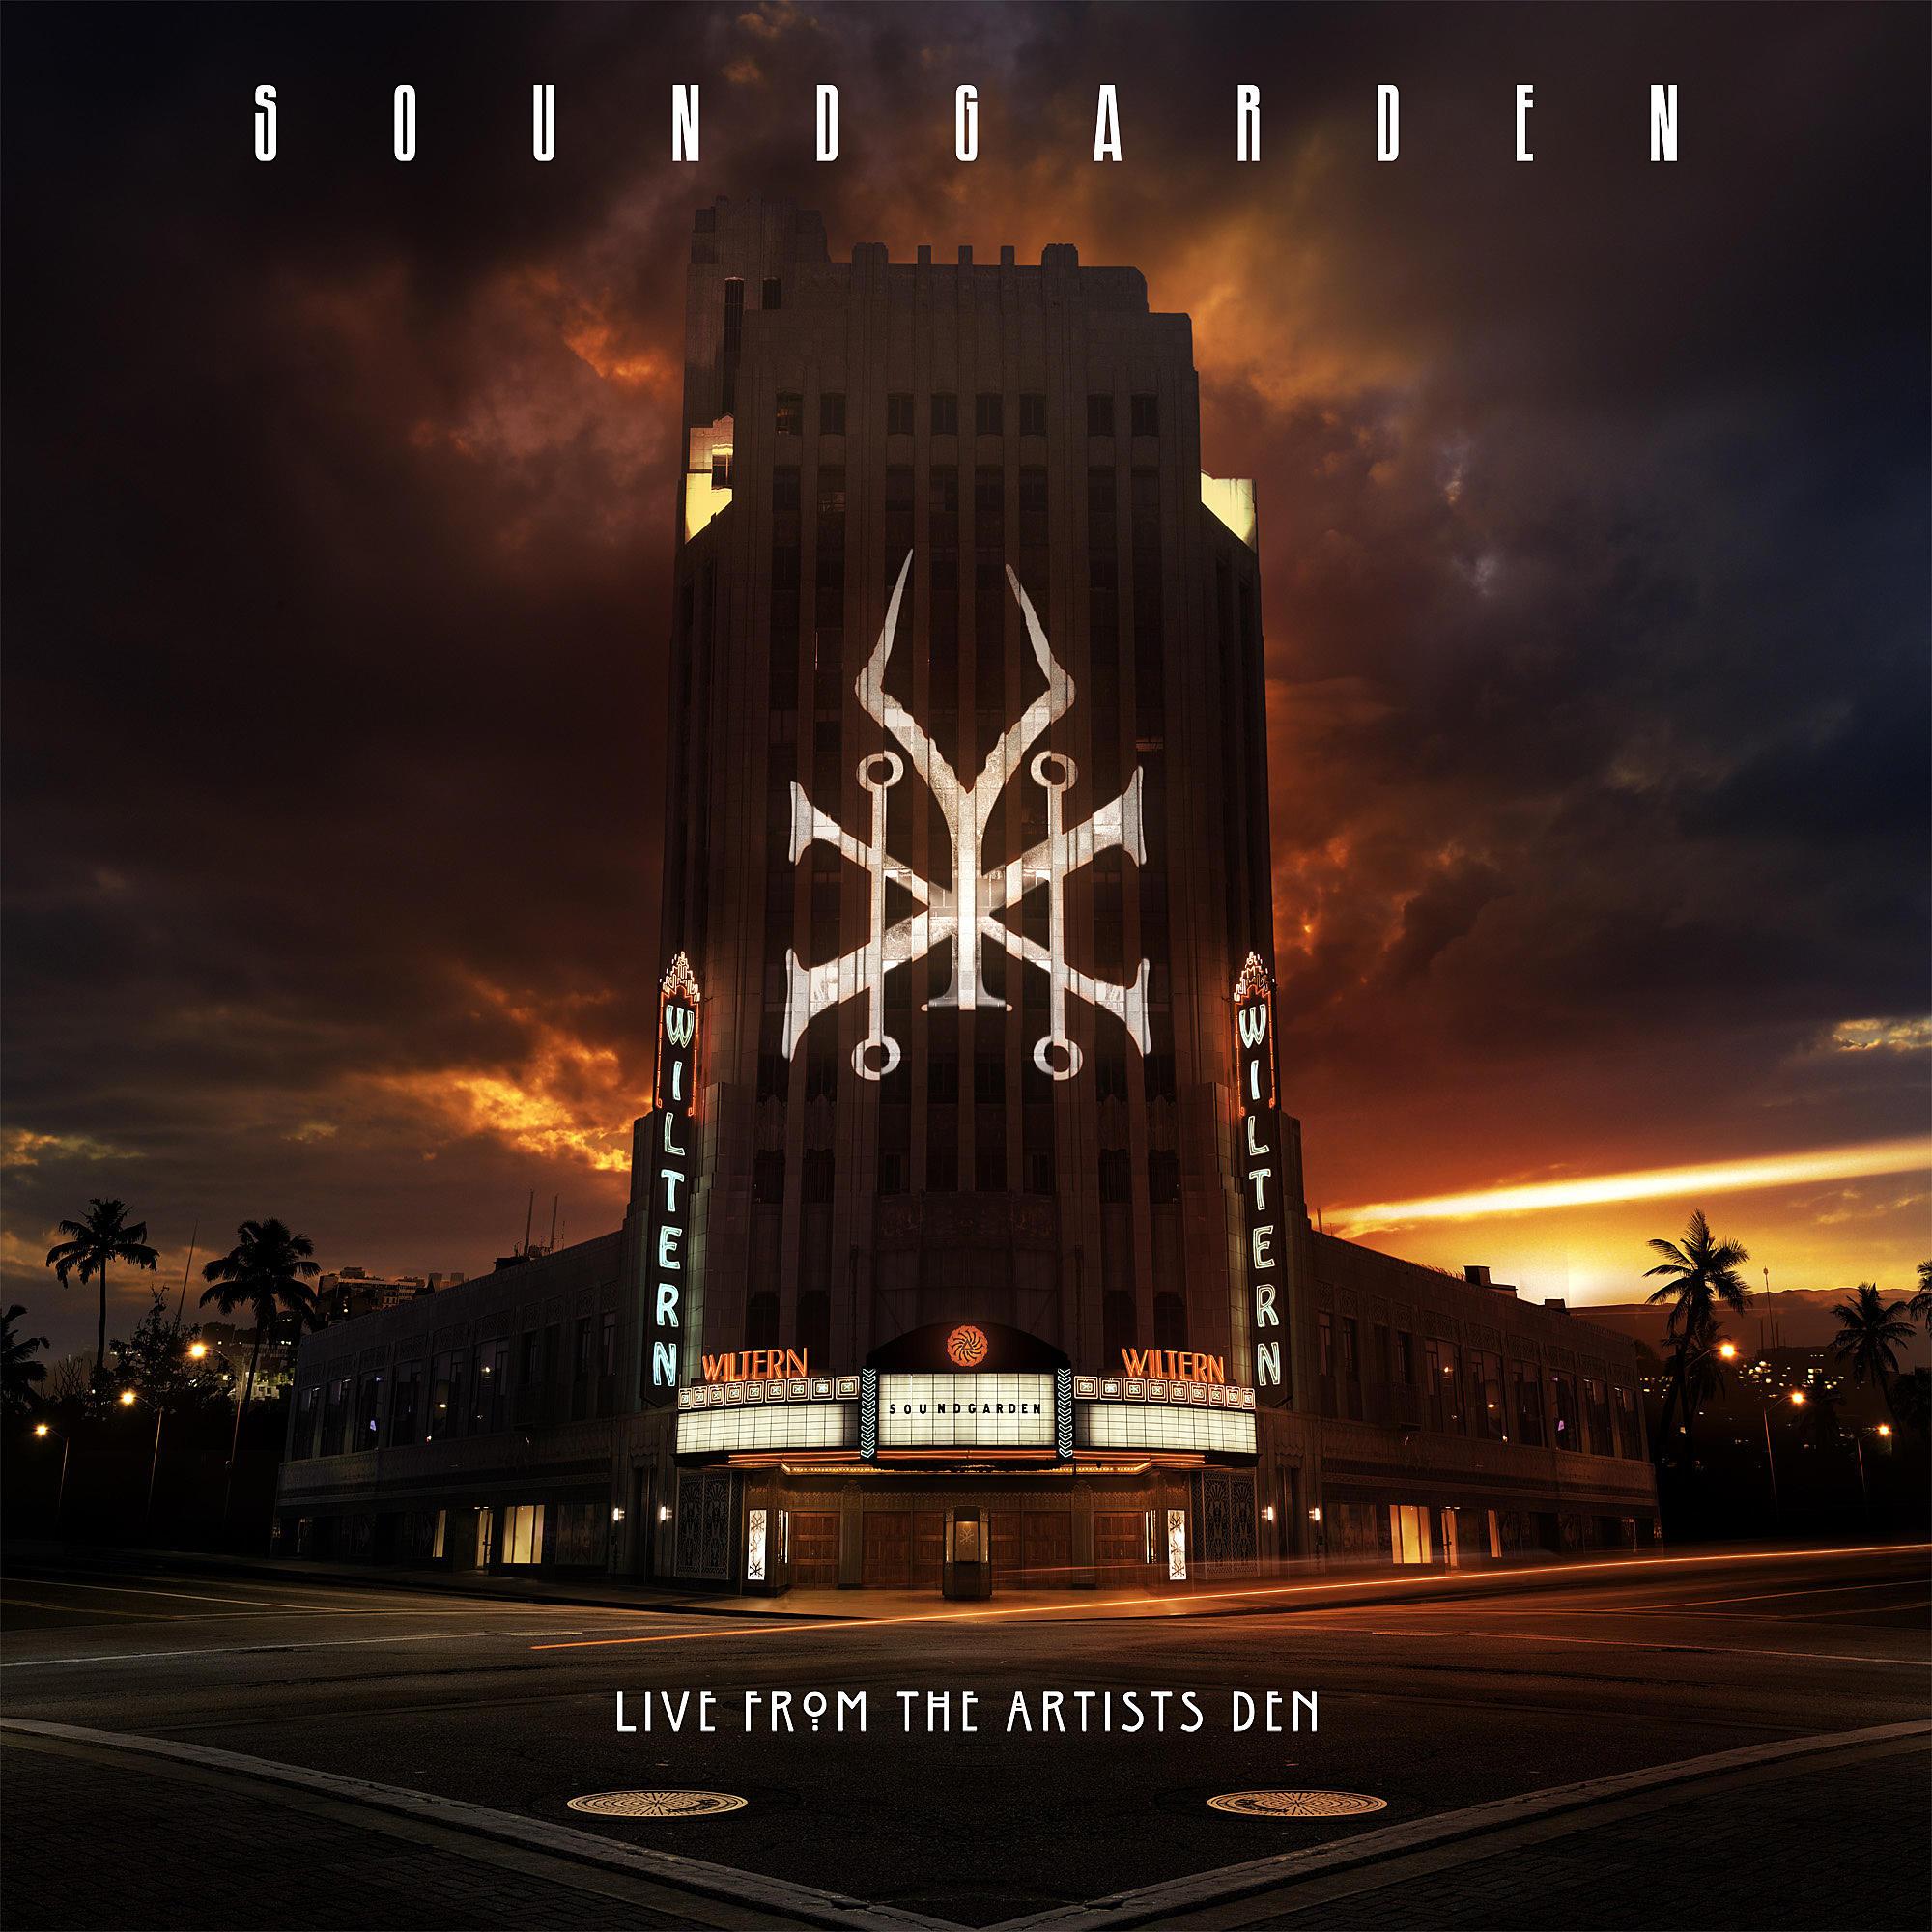 soundgarden-cd-artwork-live-album.jpg